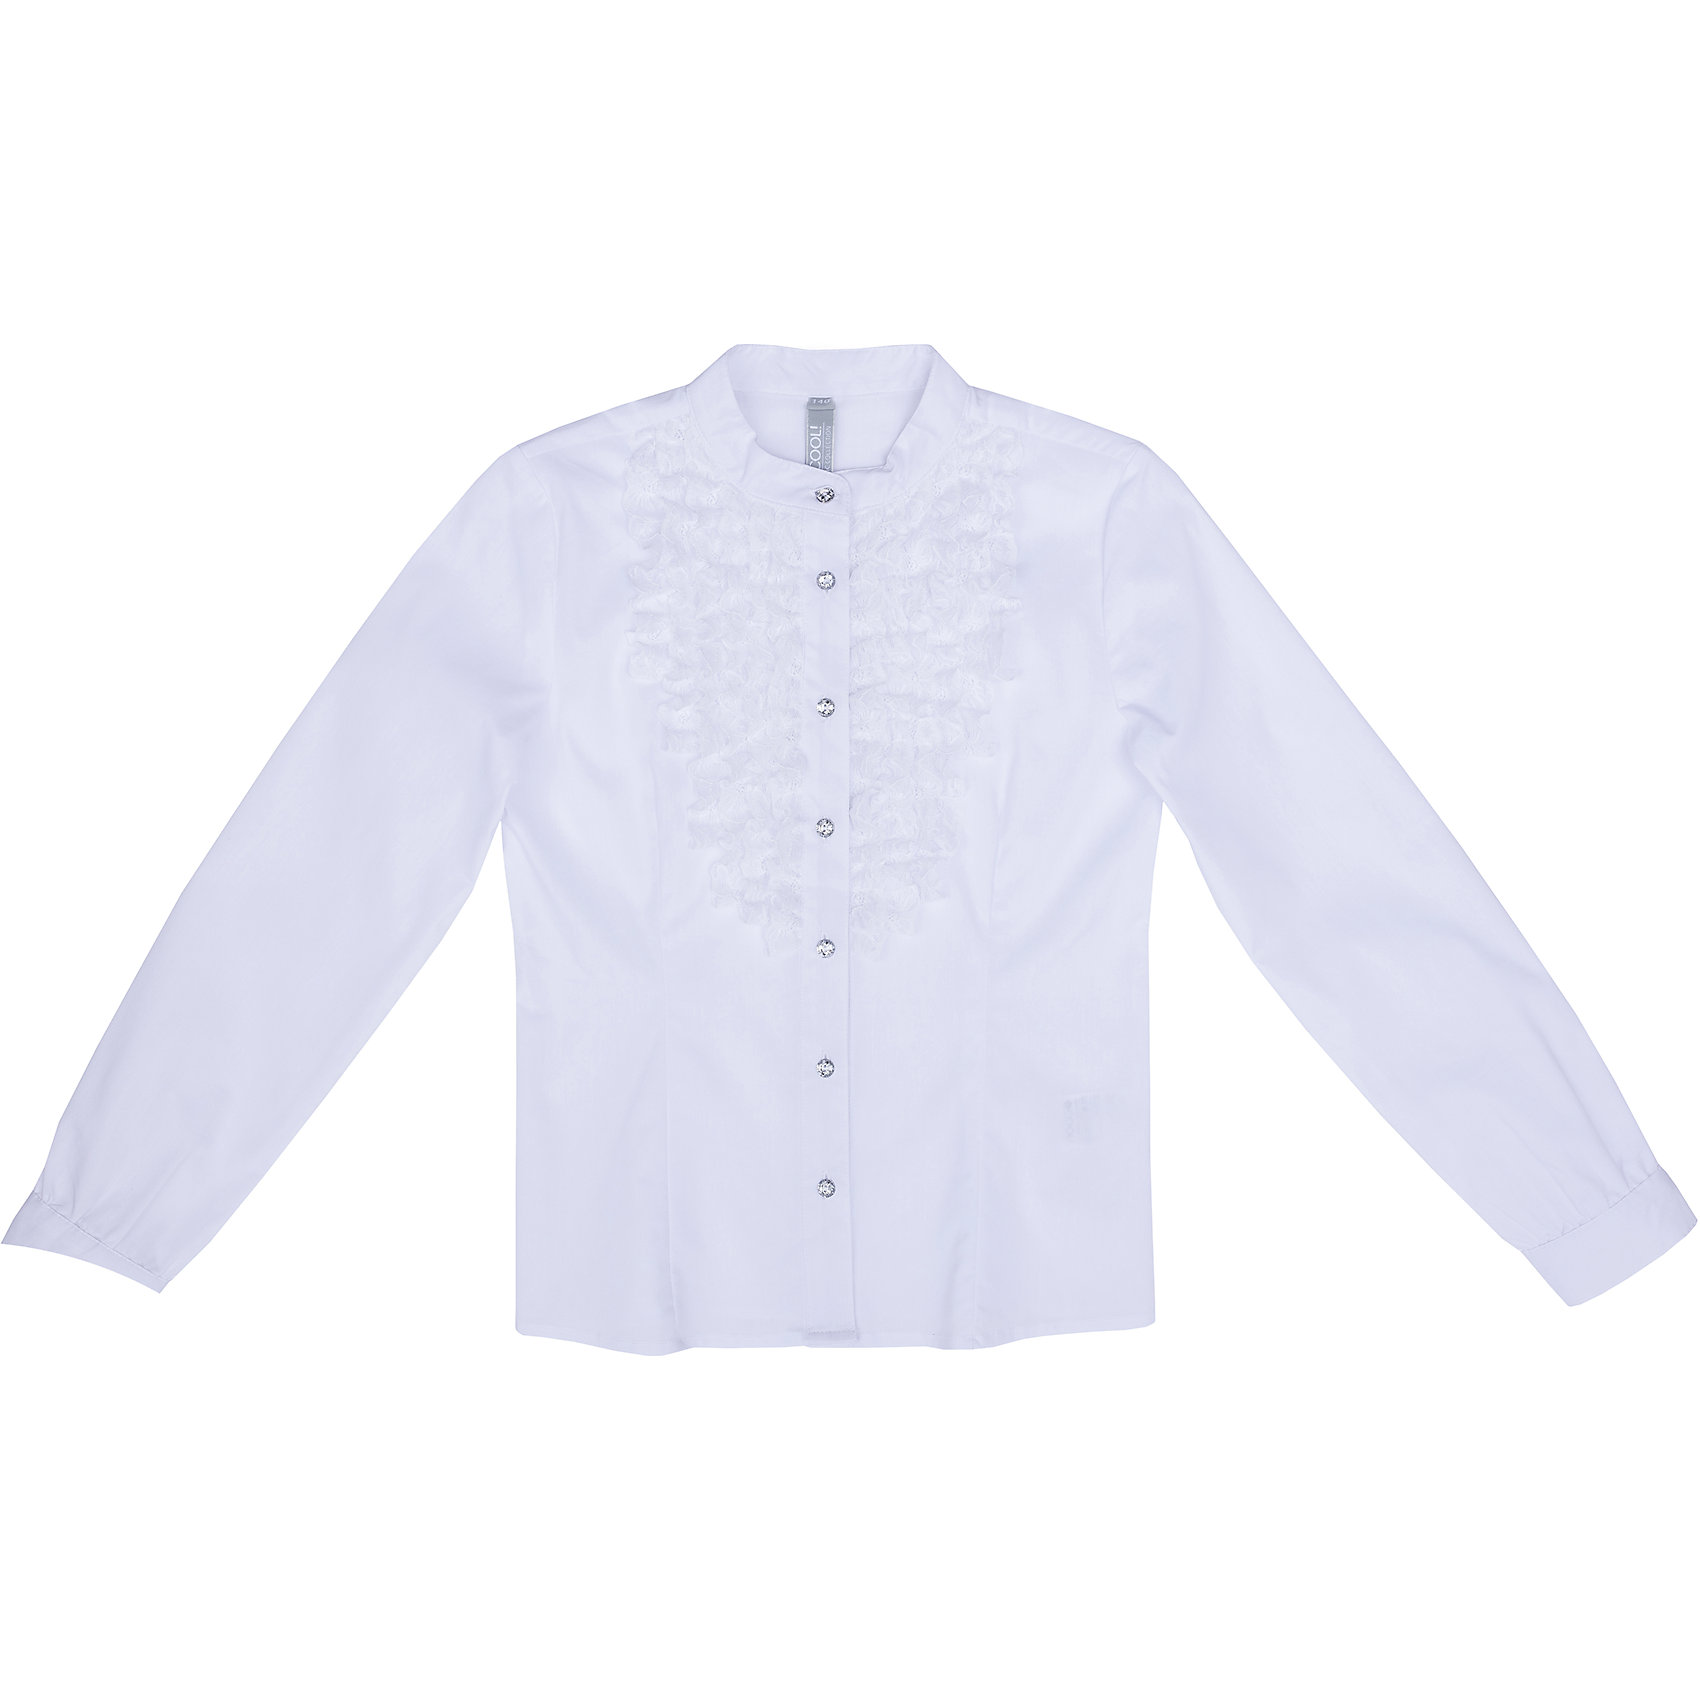 Блузка текстильная для девочки ScoolБлузки и рубашки<br>Блузка текстильная для девочки Scool<br>Блузка в классическом стиле сможет дополнить школьный гардероб ребенка. Модель с воротником - стойкой на передней части декорирована ажурной тесьмой. Длинные рукава блузки дополнены манжетами.<br>Состав:<br>68% хлопок, 28% полиэстер, 4% эластан<br><br>Ширина мм: 186<br>Глубина мм: 87<br>Высота мм: 198<br>Вес г: 197<br>Цвет: белый<br>Возраст от месяцев: 156<br>Возраст до месяцев: 168<br>Пол: Женский<br>Возраст: Детский<br>Размер: 164,122,128,134,140,146,152,158<br>SKU: 6754809